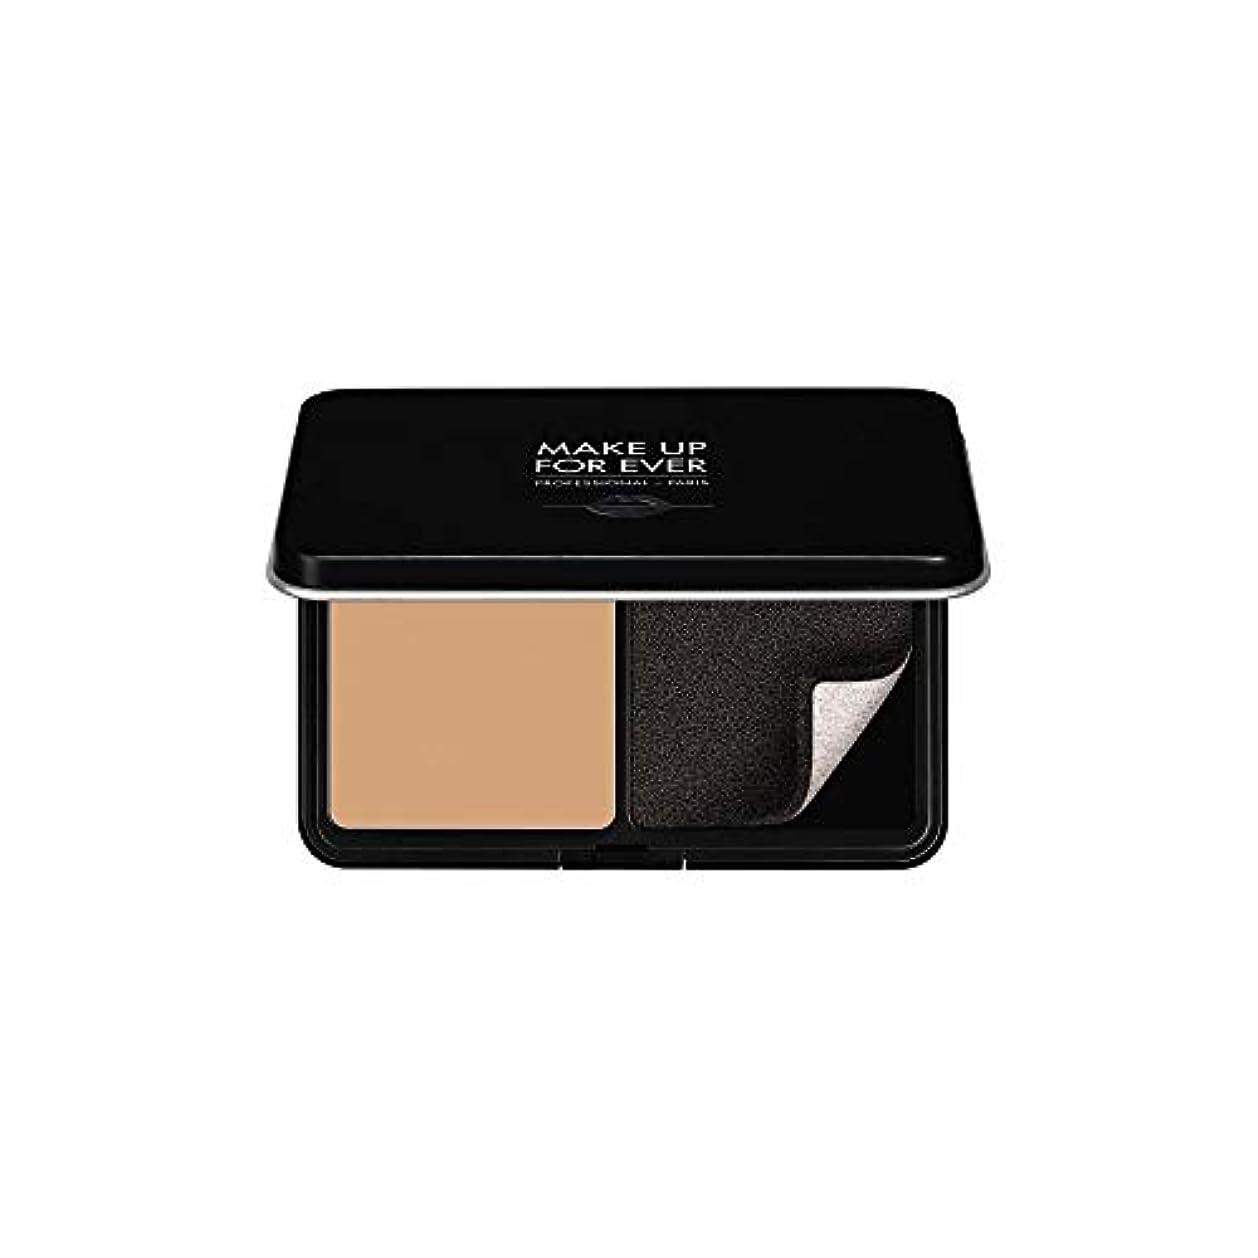 応援する聴覚六月メイクアップフォーエバー Matte Velvet Skin Blurring Powder Foundation - # R330 (Warm Ivory) 11g/0.38oz並行輸入品